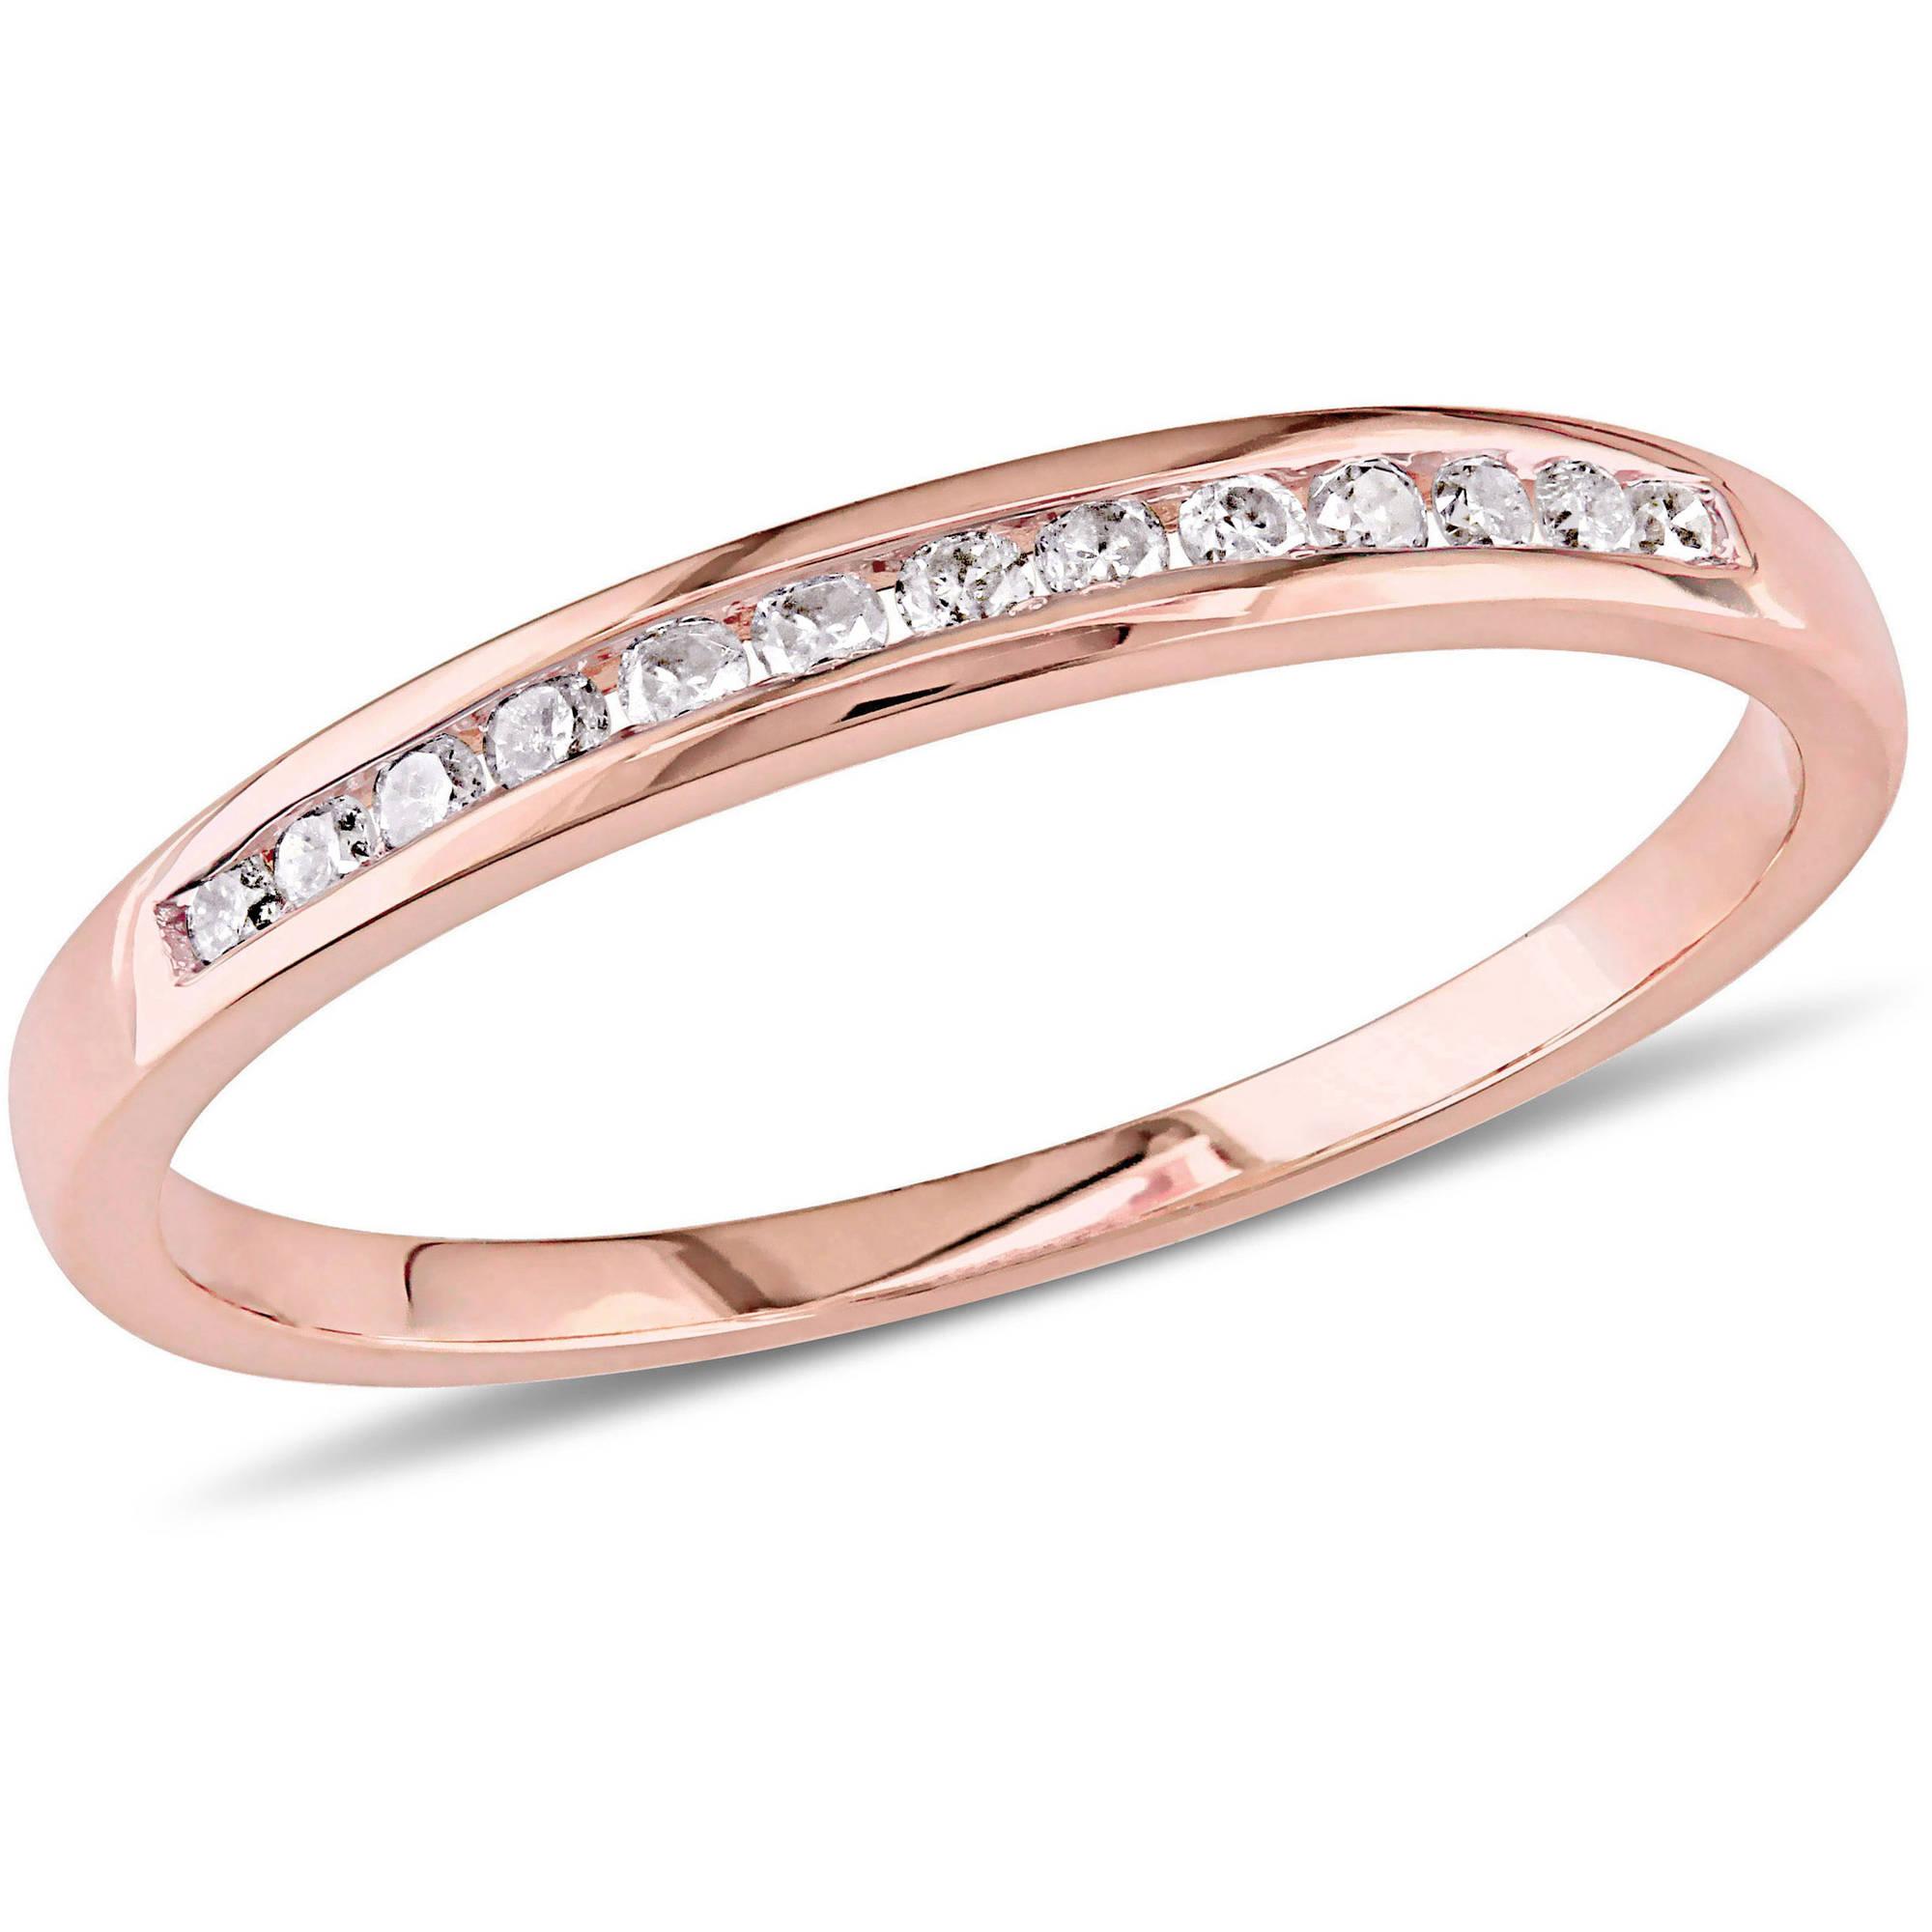 Miabella 1 8 Carat T.W. Diamond 10kt Pink Gold Semi-Eternity Anniversary Ring by Delmar Manufacturing LLC